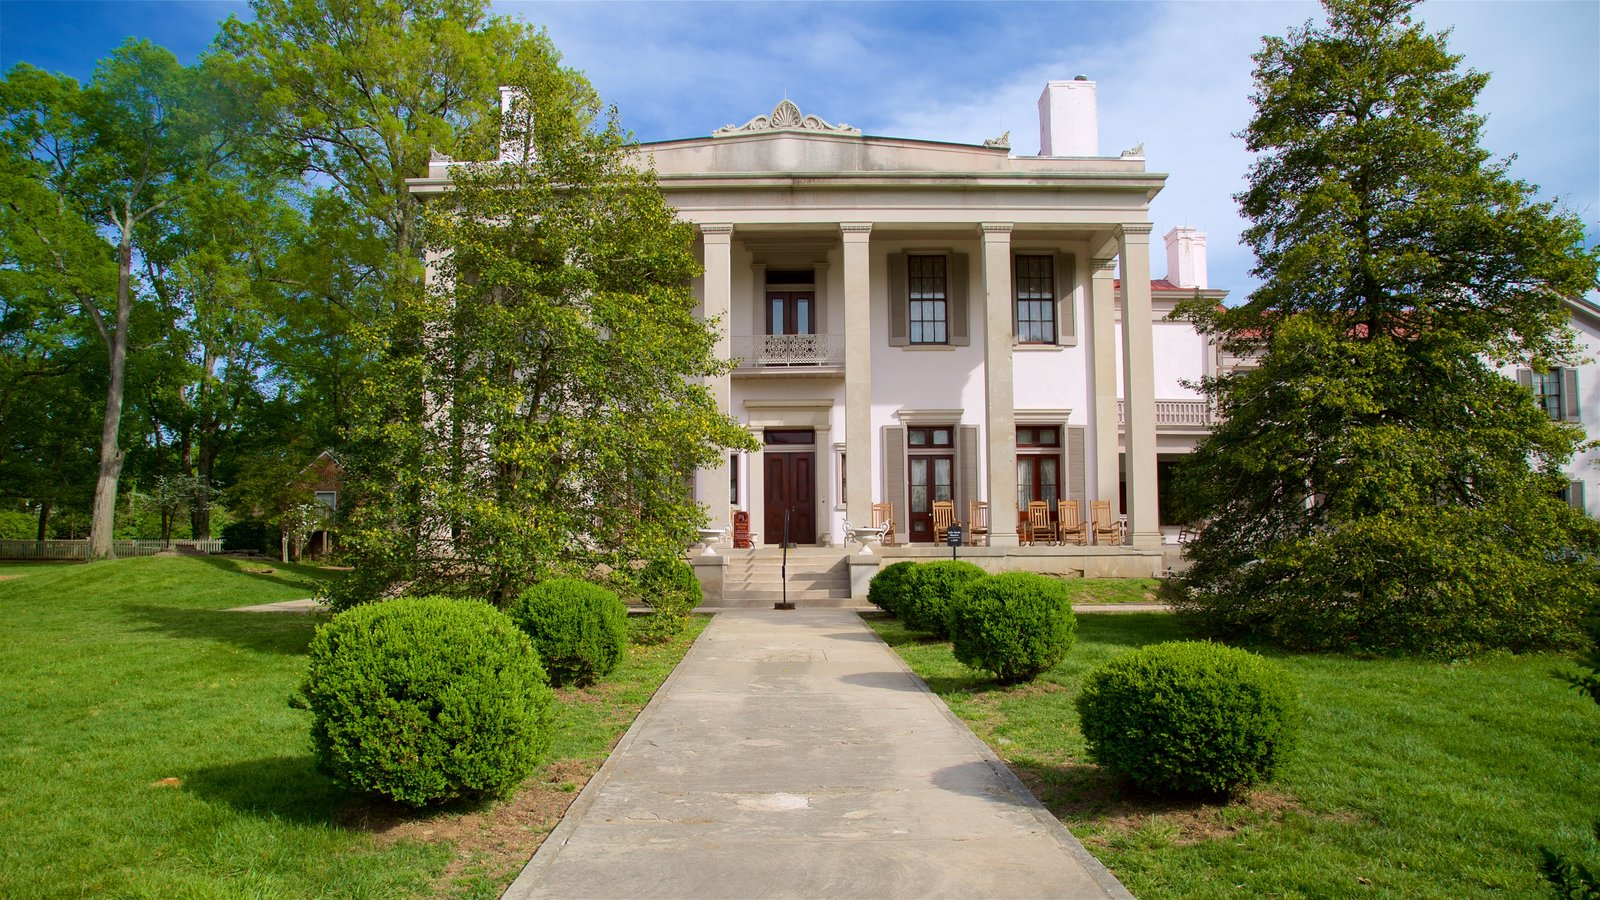 Belle Meade Plantation ofreciendo elementos del patrimonio y una casa